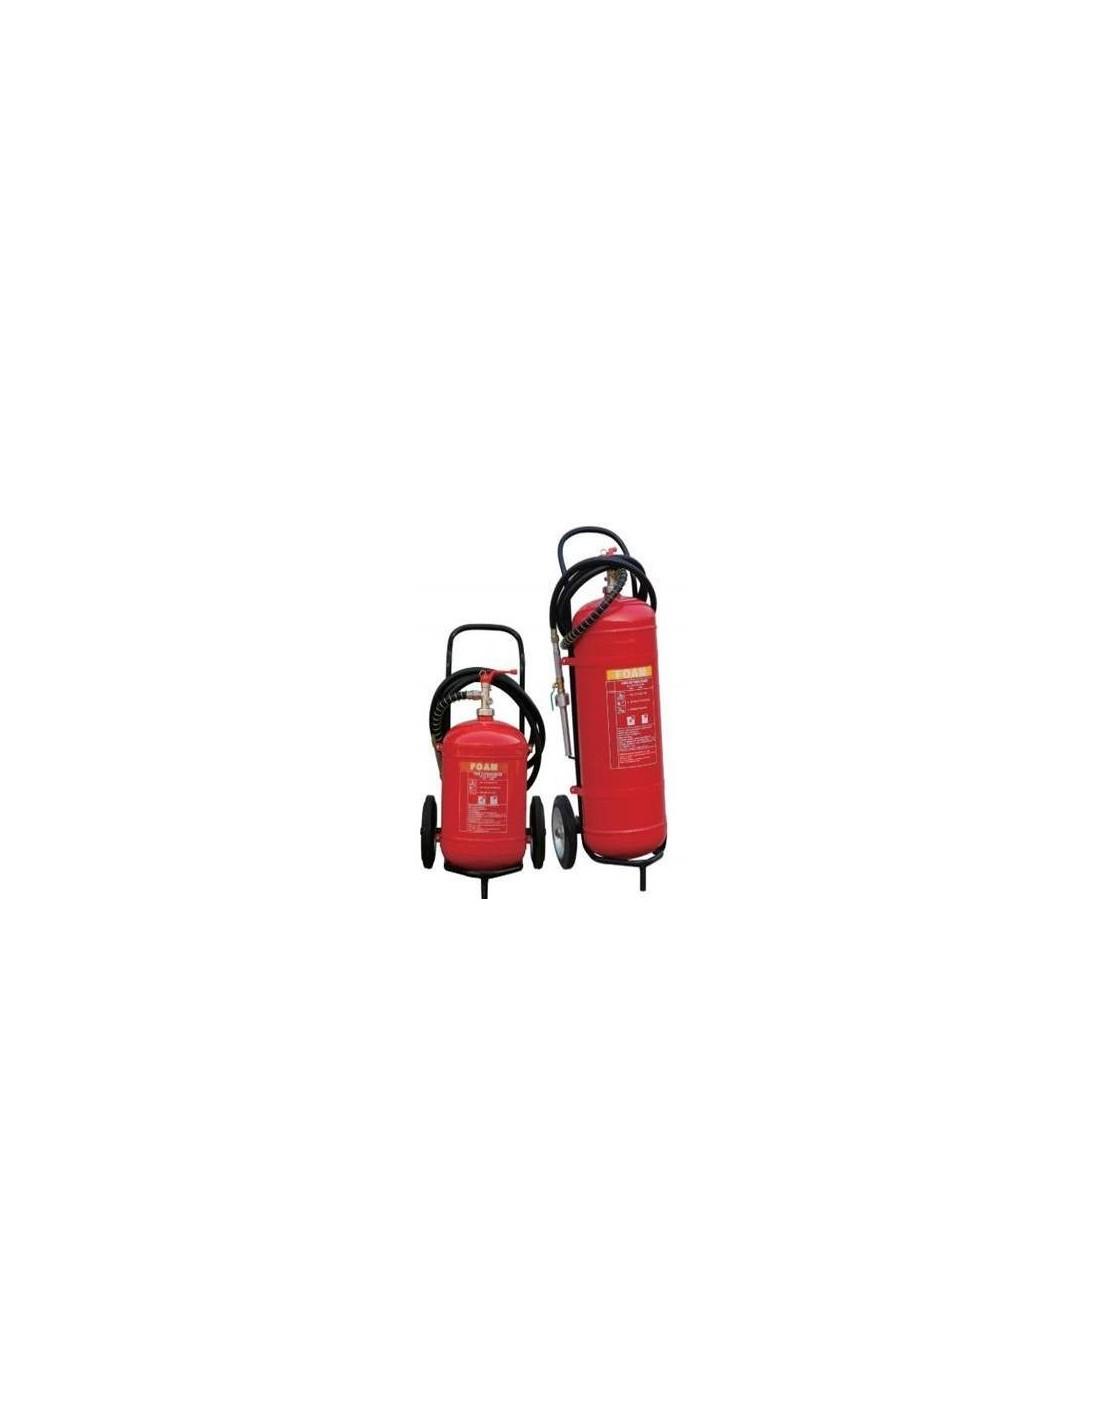 Огнетушитель рюкзак kawaii factory рюкзаки купить